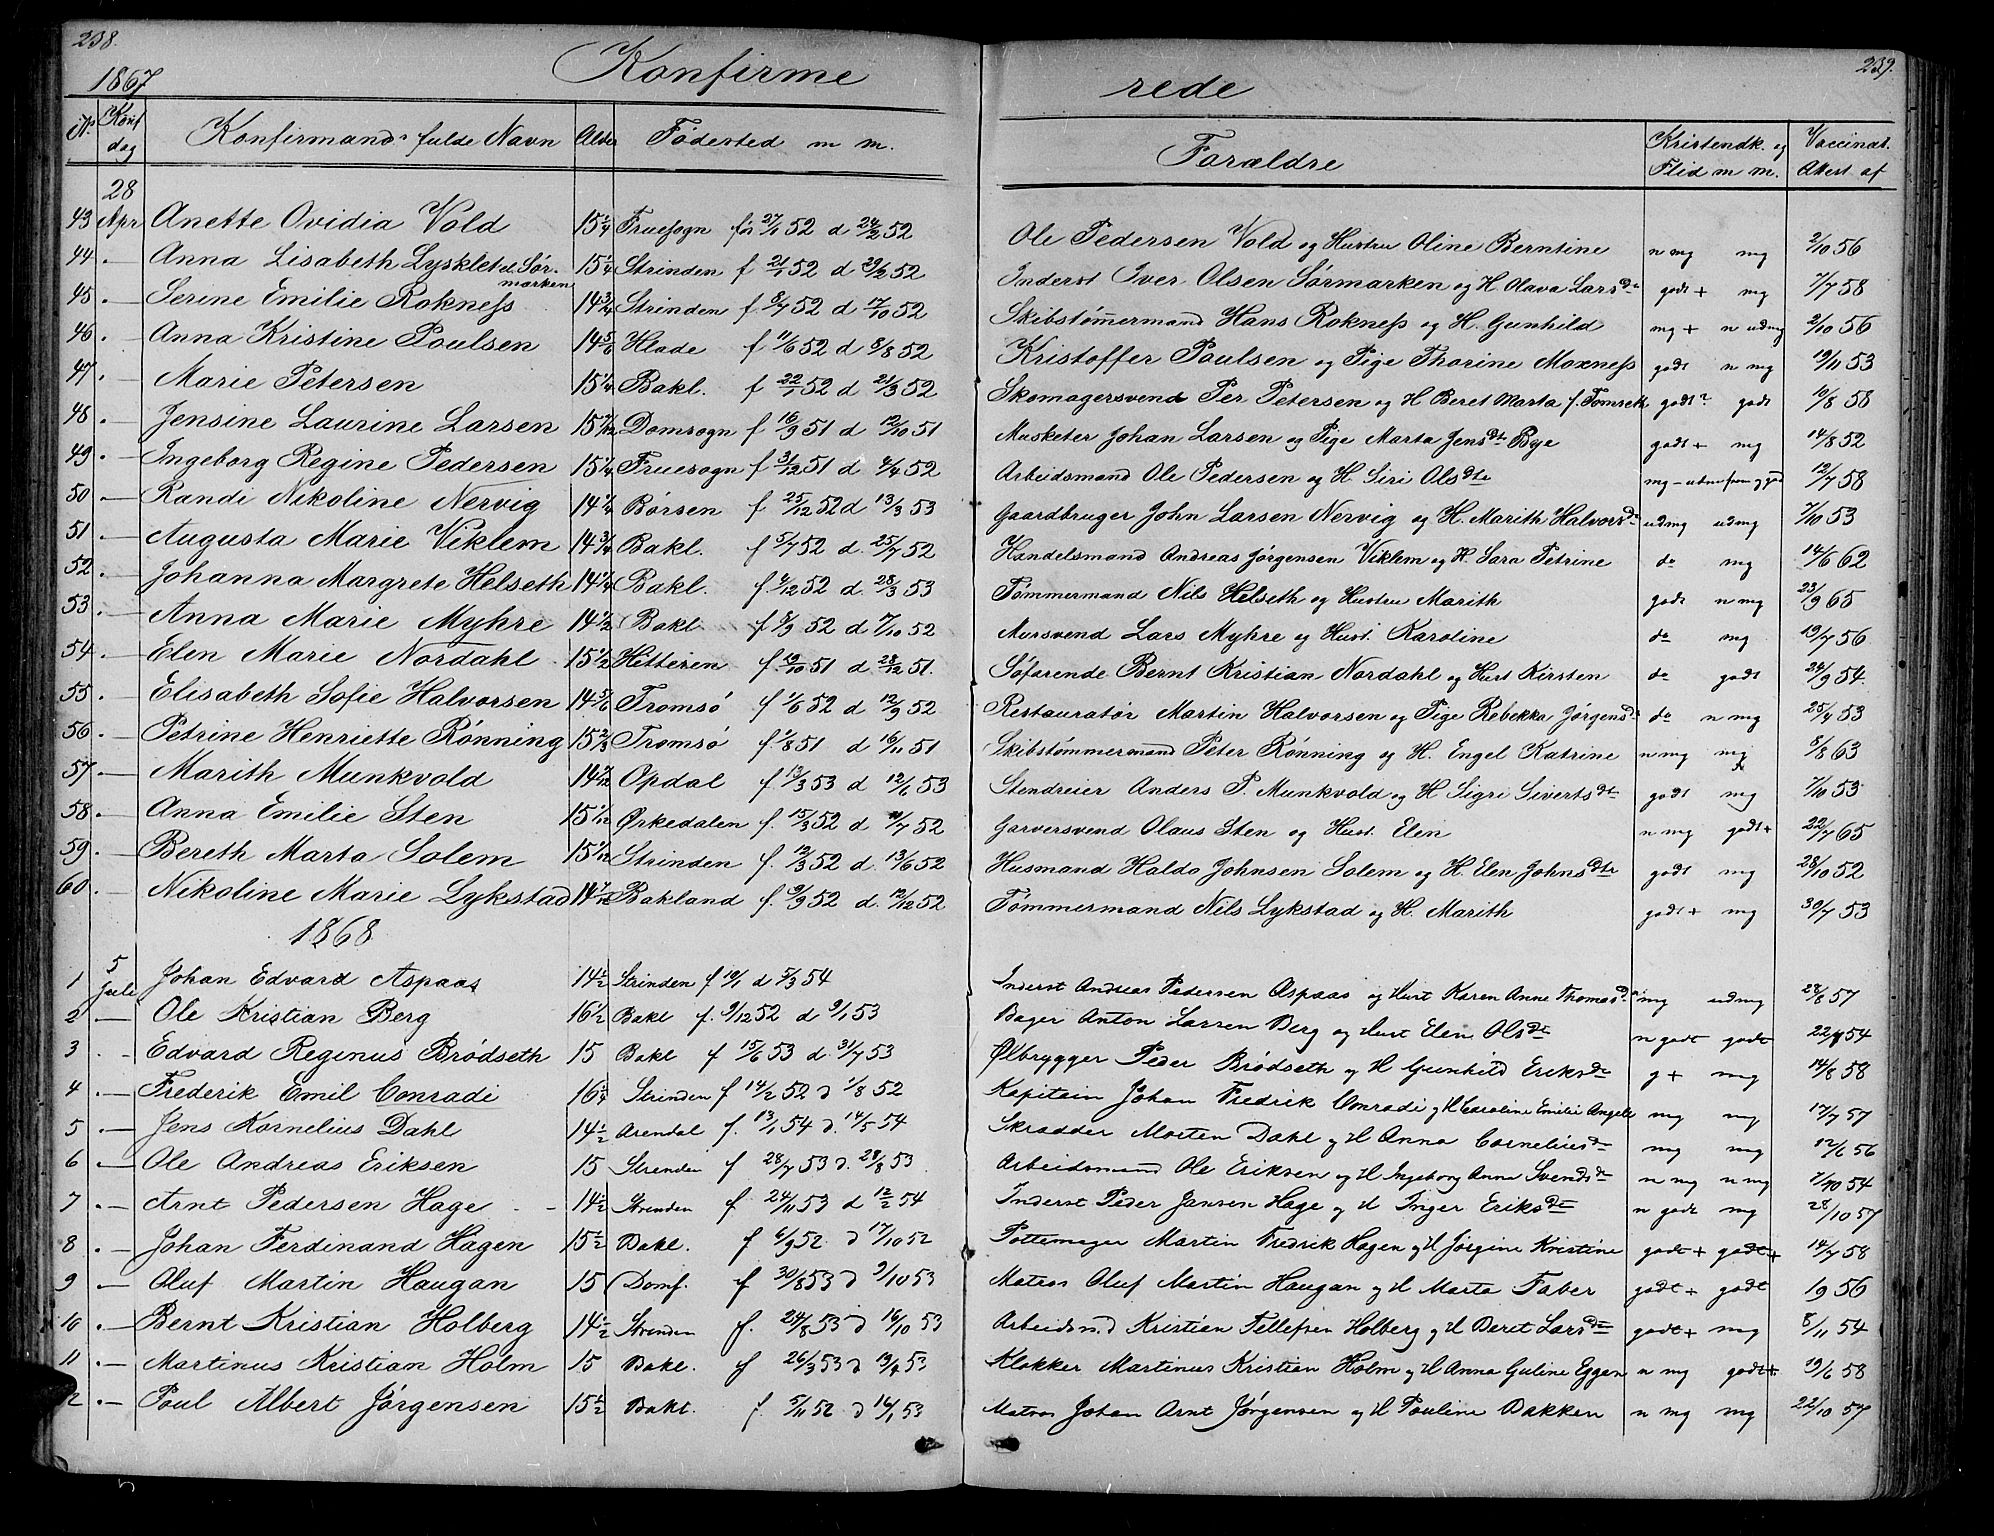 SAT, Ministerialprotokoller, klokkerbøker og fødselsregistre - Sør-Trøndelag, 604/L0219: Klokkerbok nr. 604C02, 1851-1869, s. 238-239